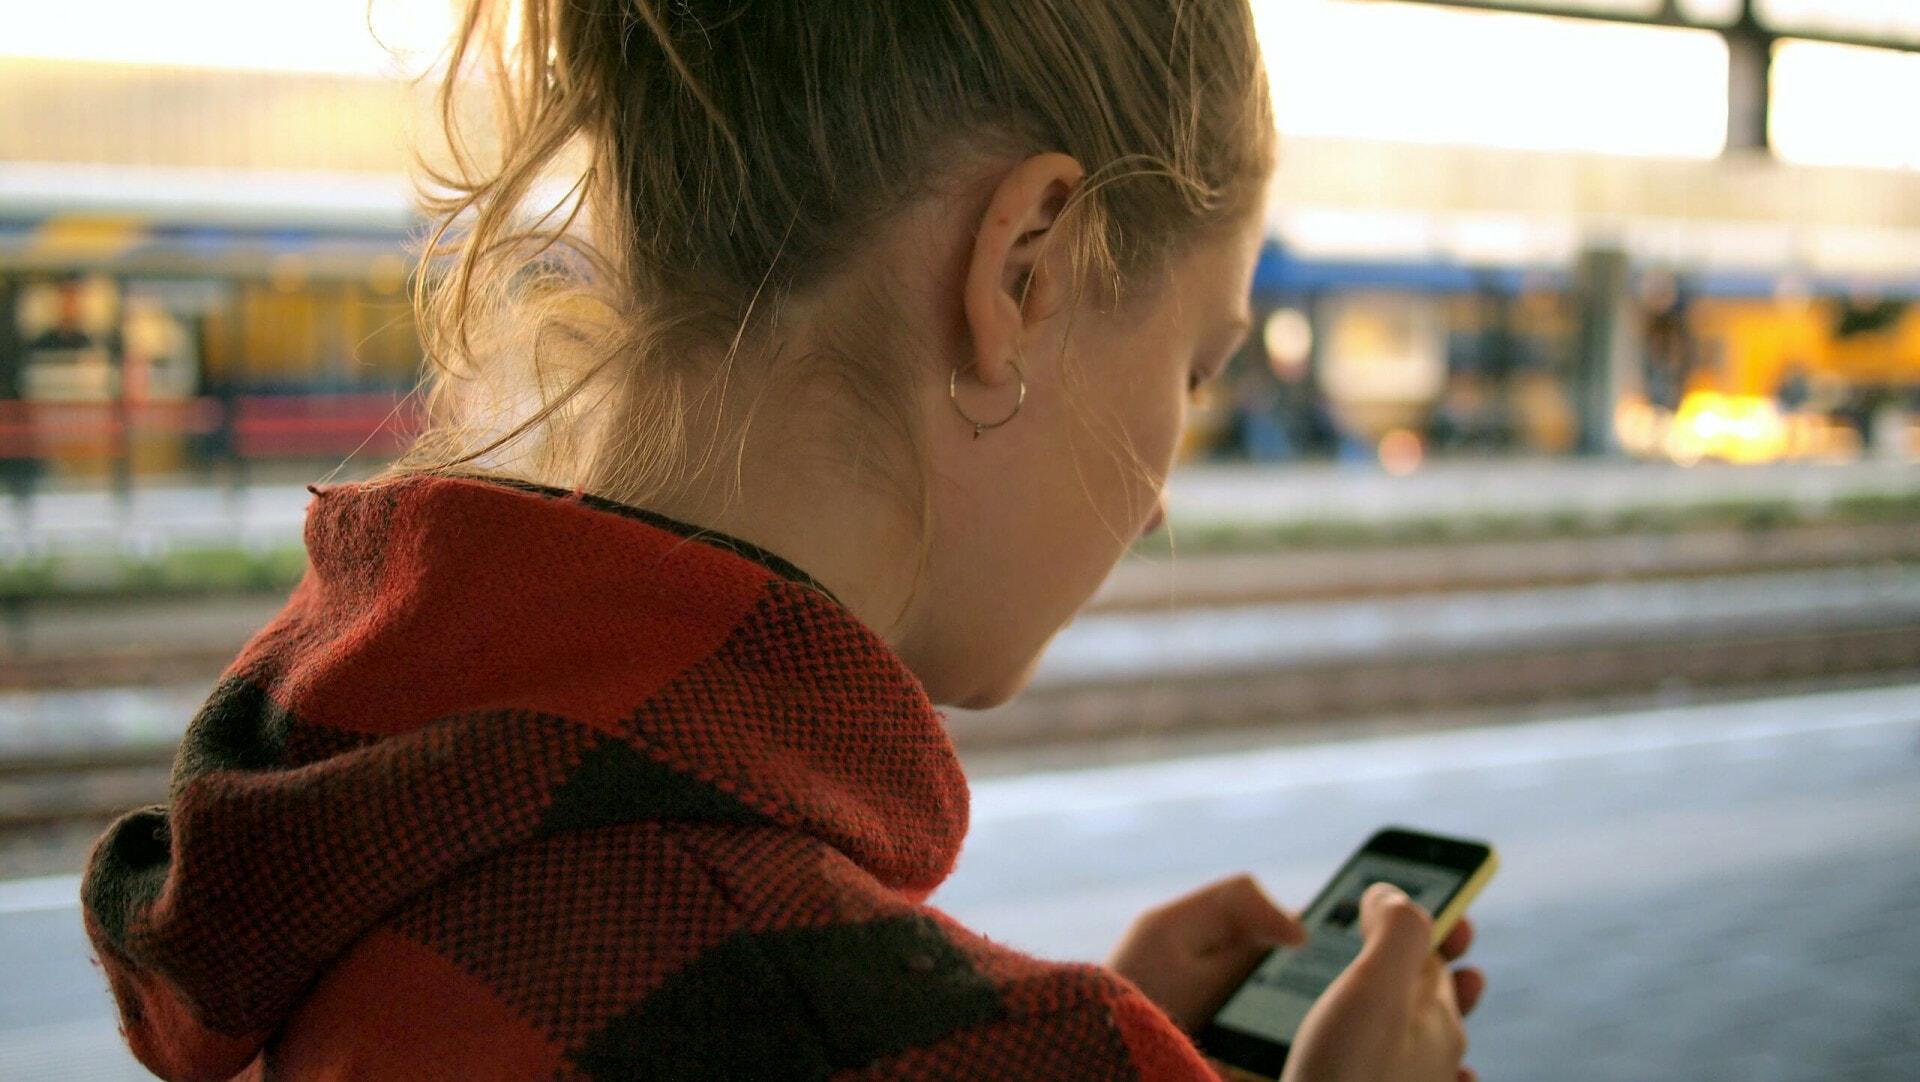 Girl using social media on phone